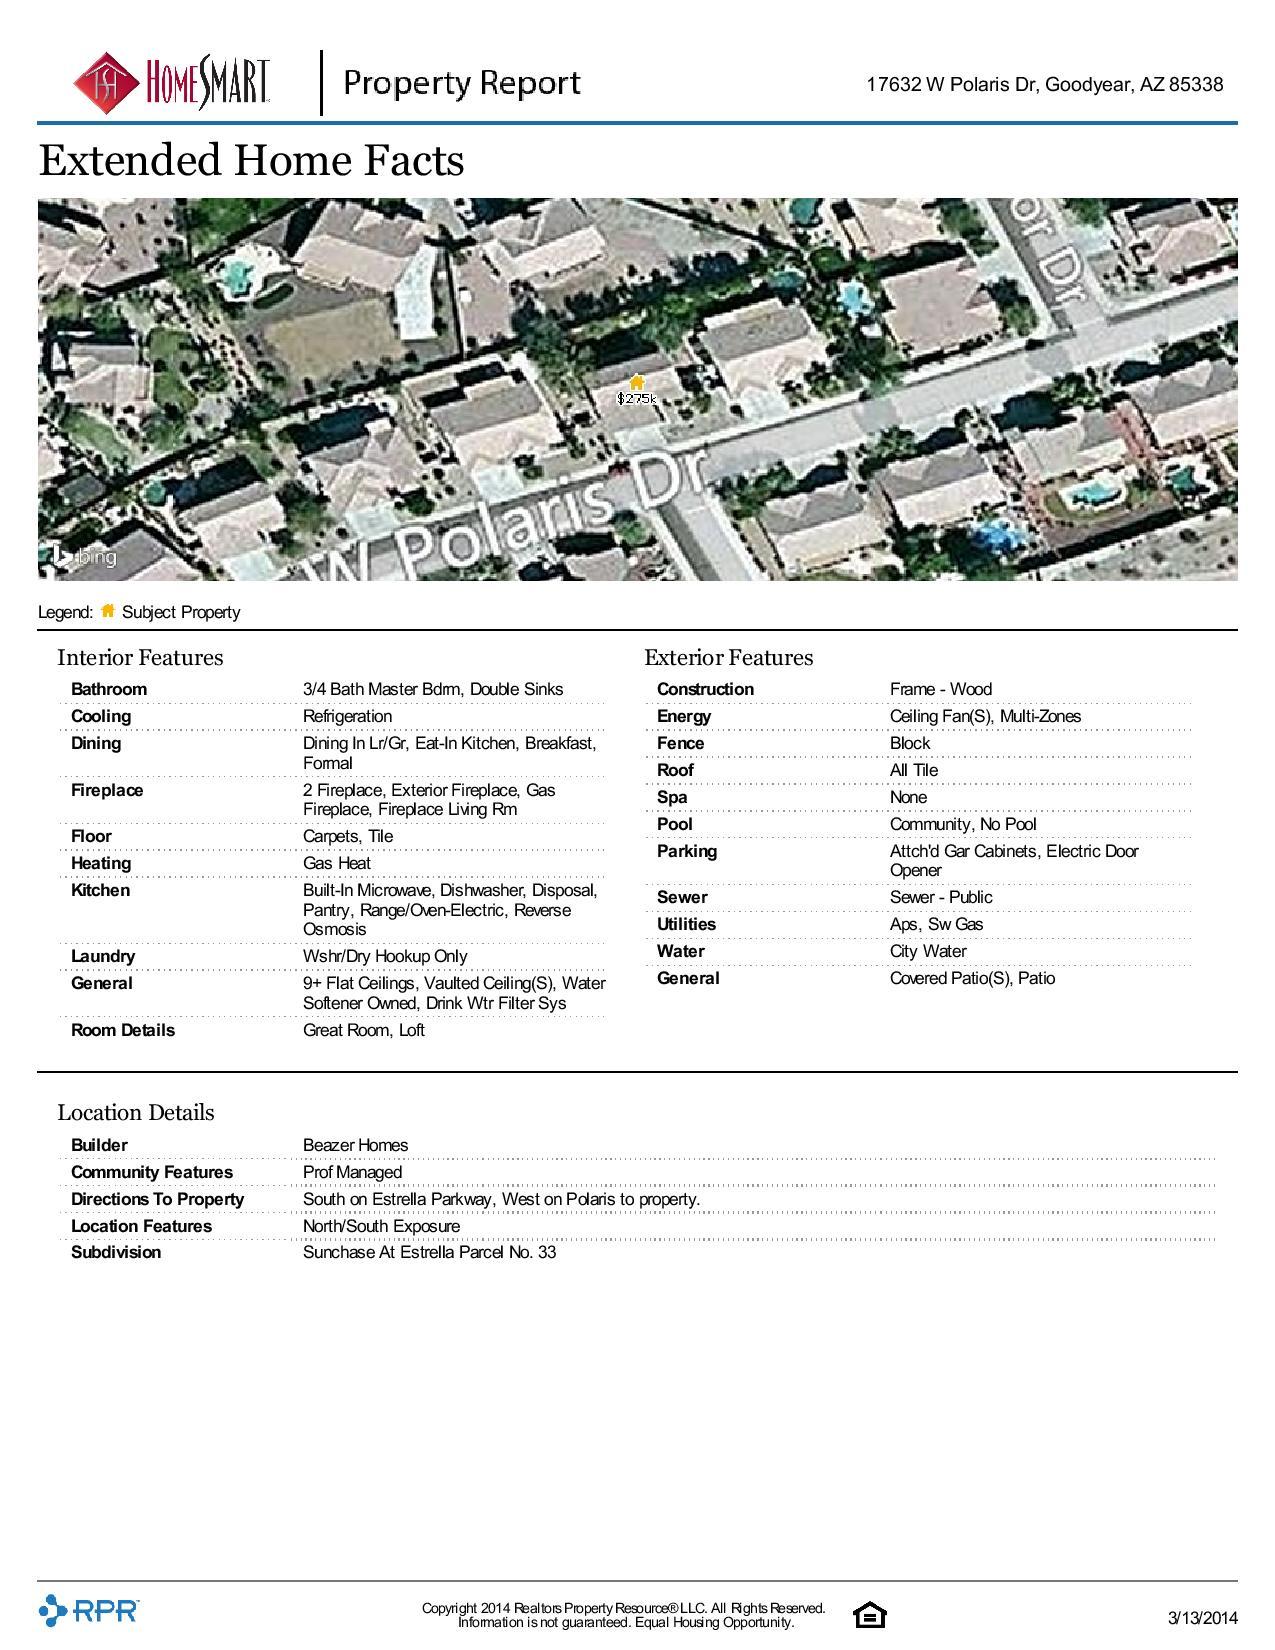 17632-W-Polaris-Dr-Goodyear-AZ-85338-page-004